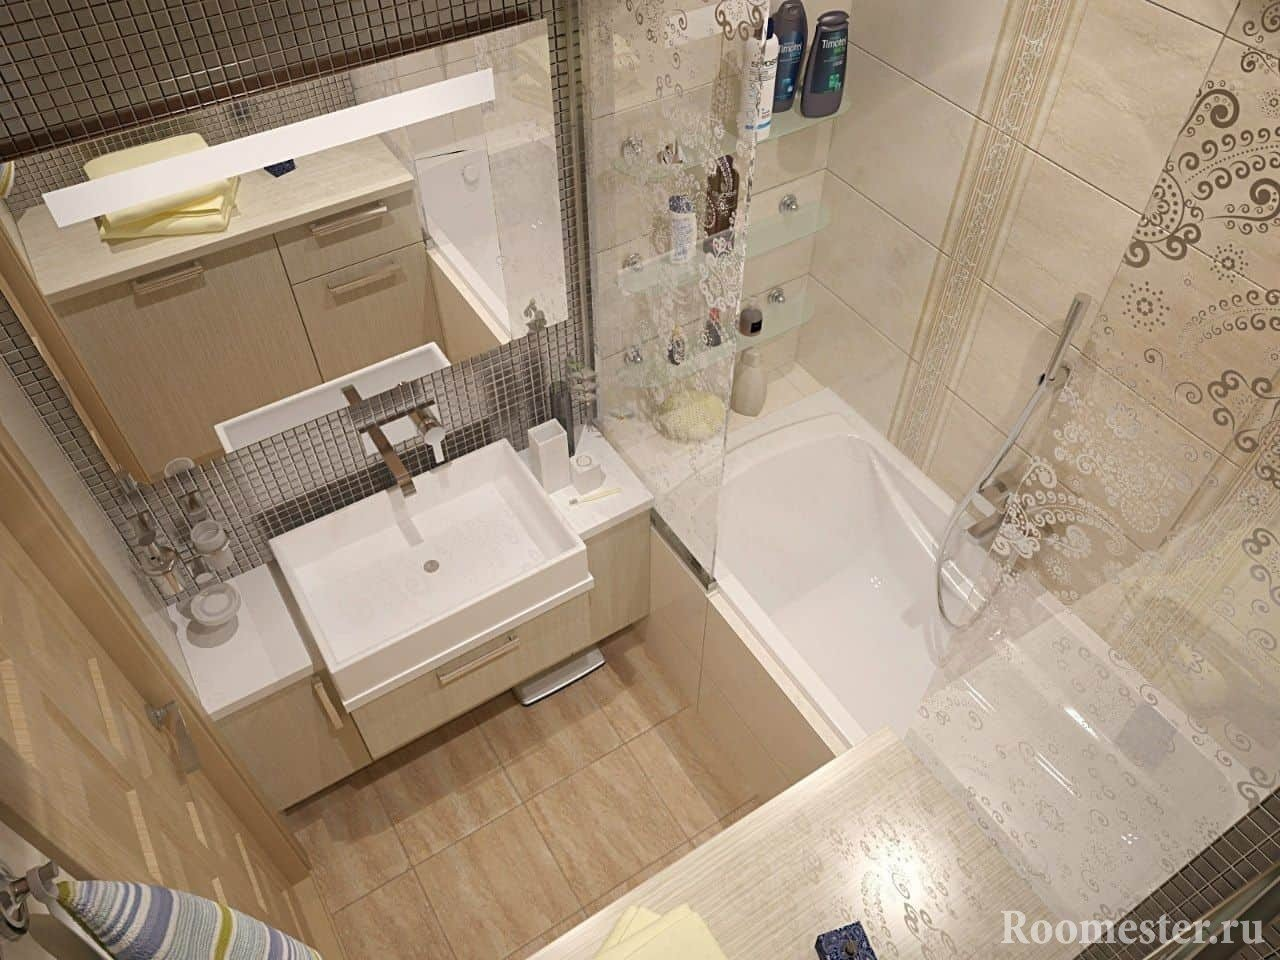 Дизайн ванной комнаты в панельном доме в бежевом цвете